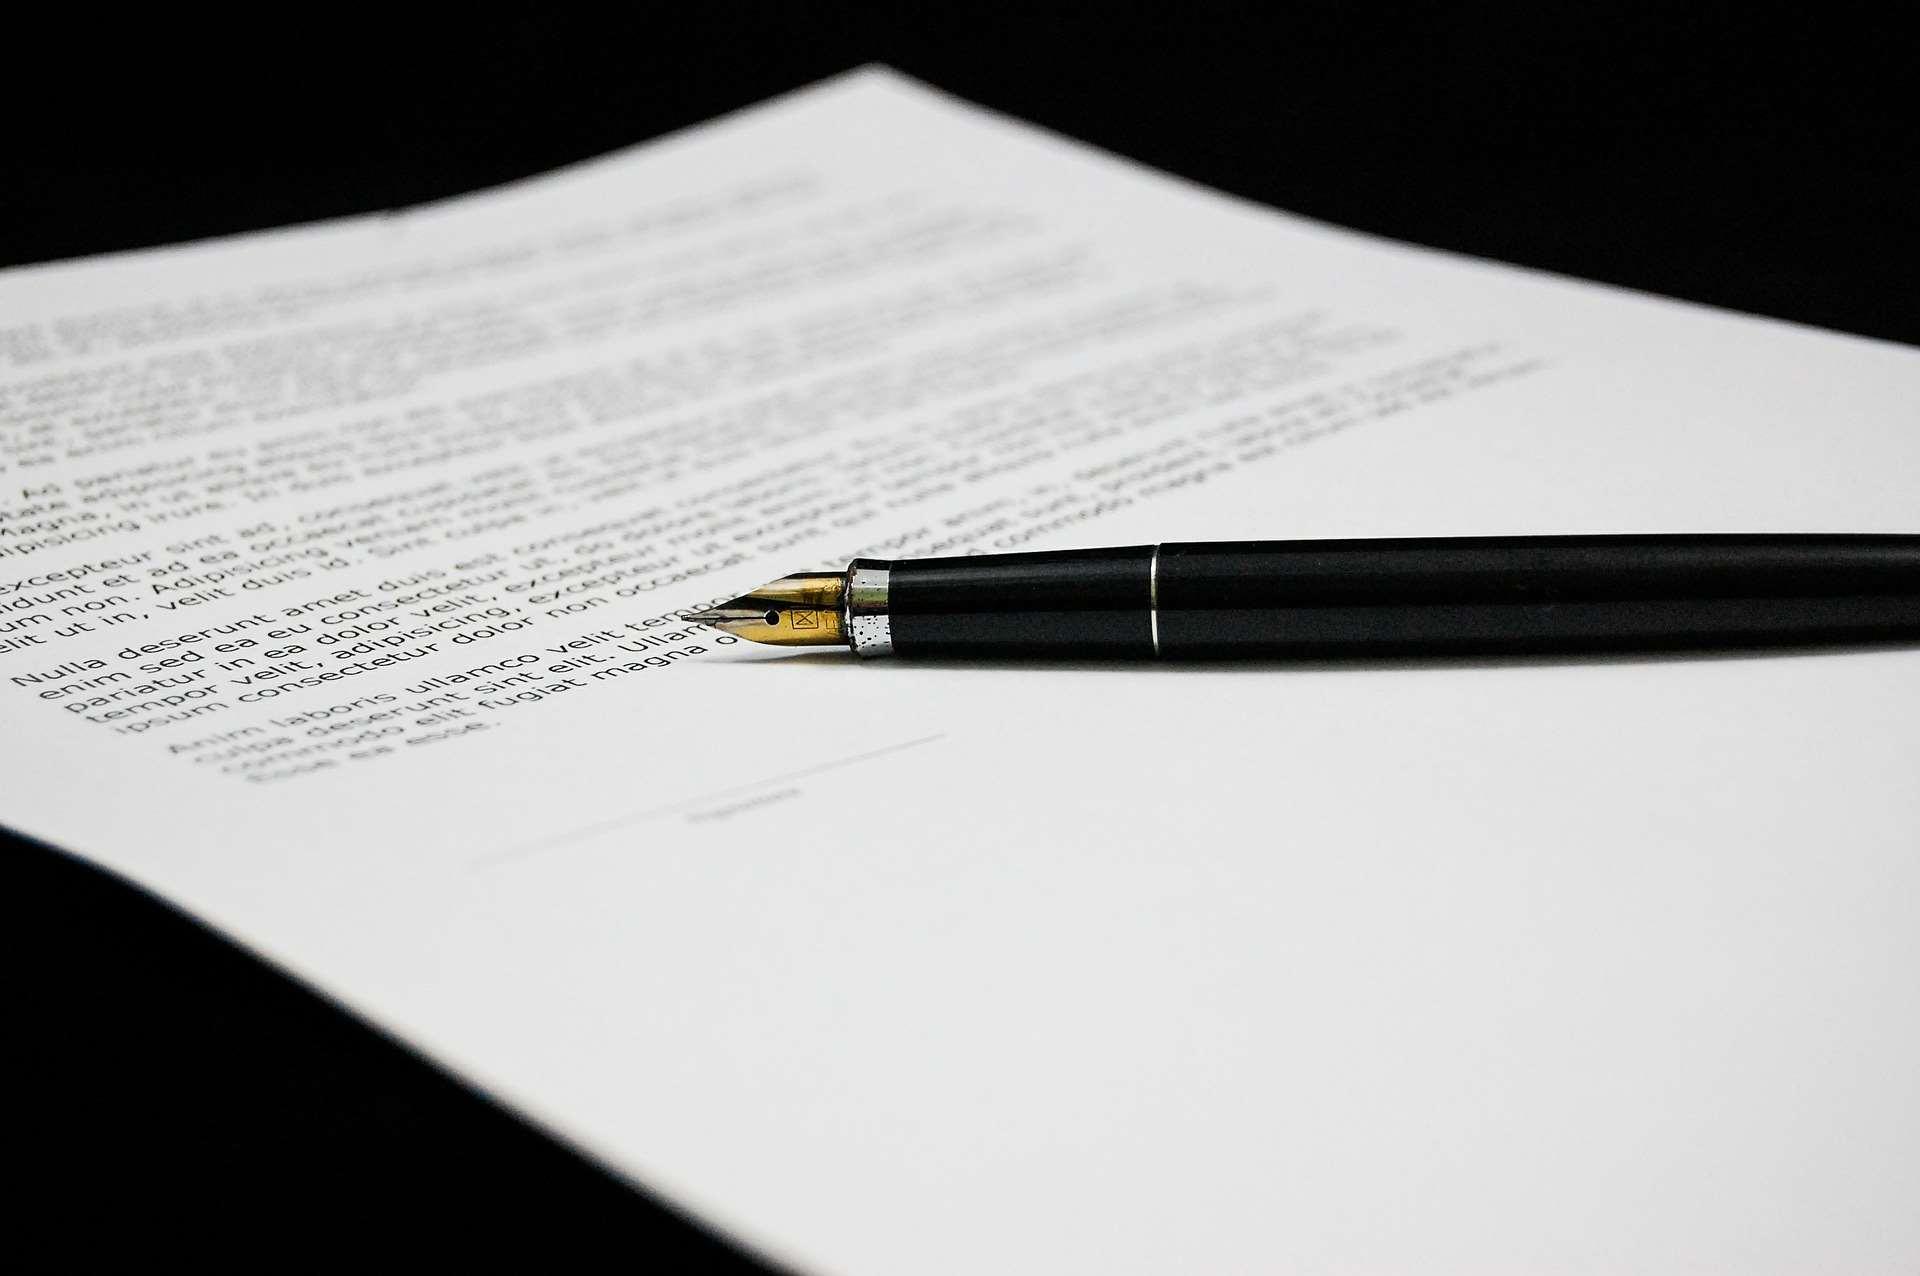 Wypowiedzenie umowy o pracę. Pobierz darmowy wzór.